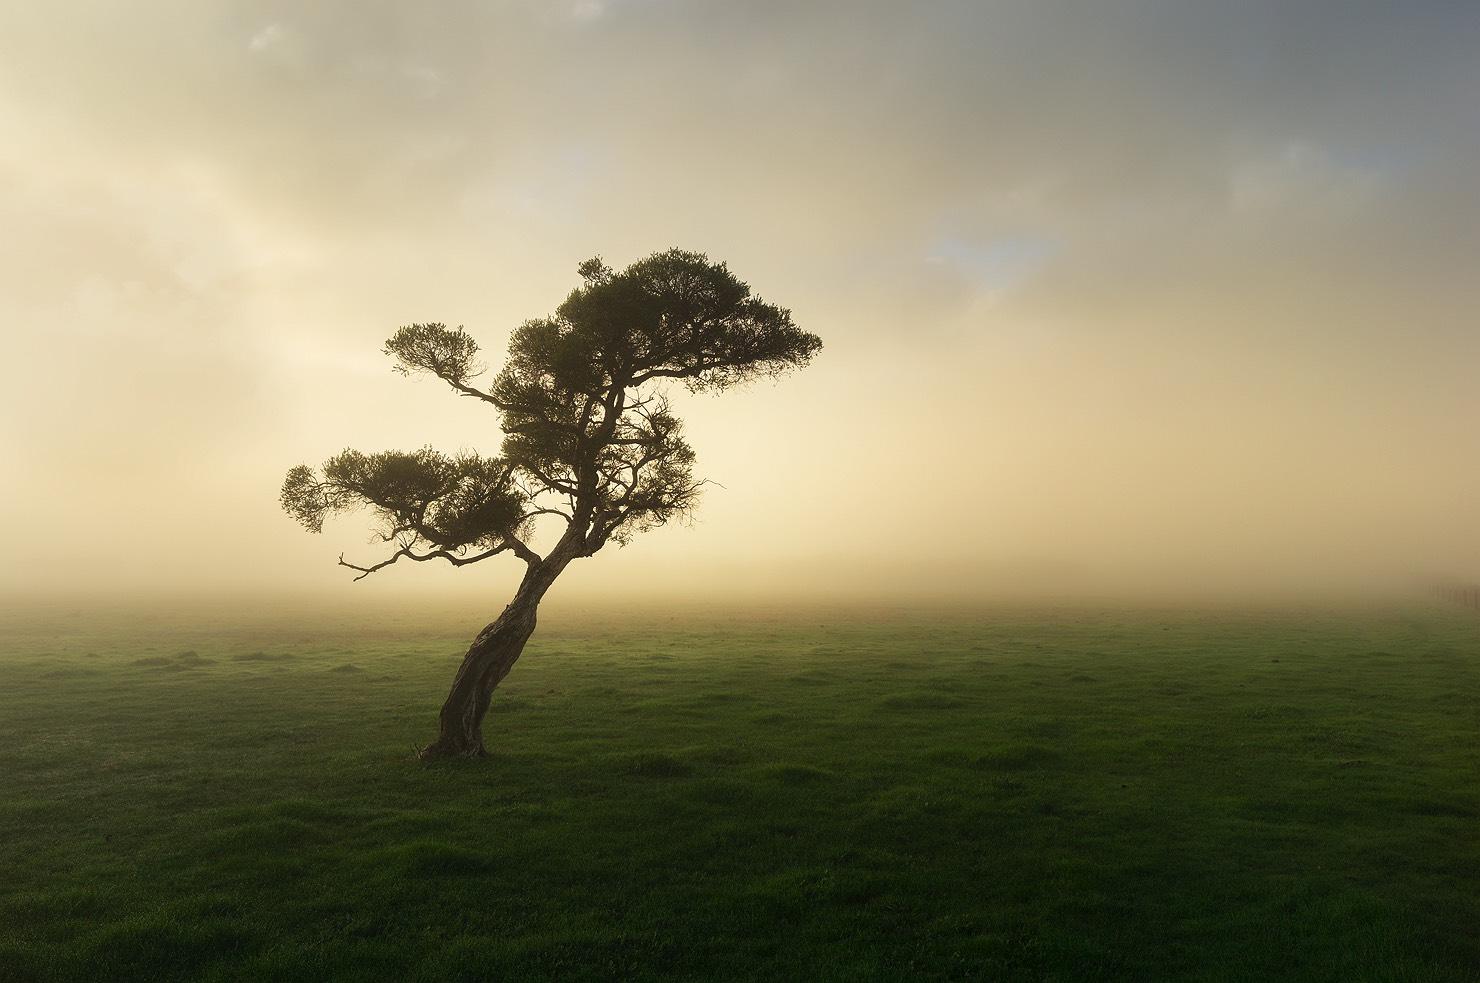 Tree in a quiet field